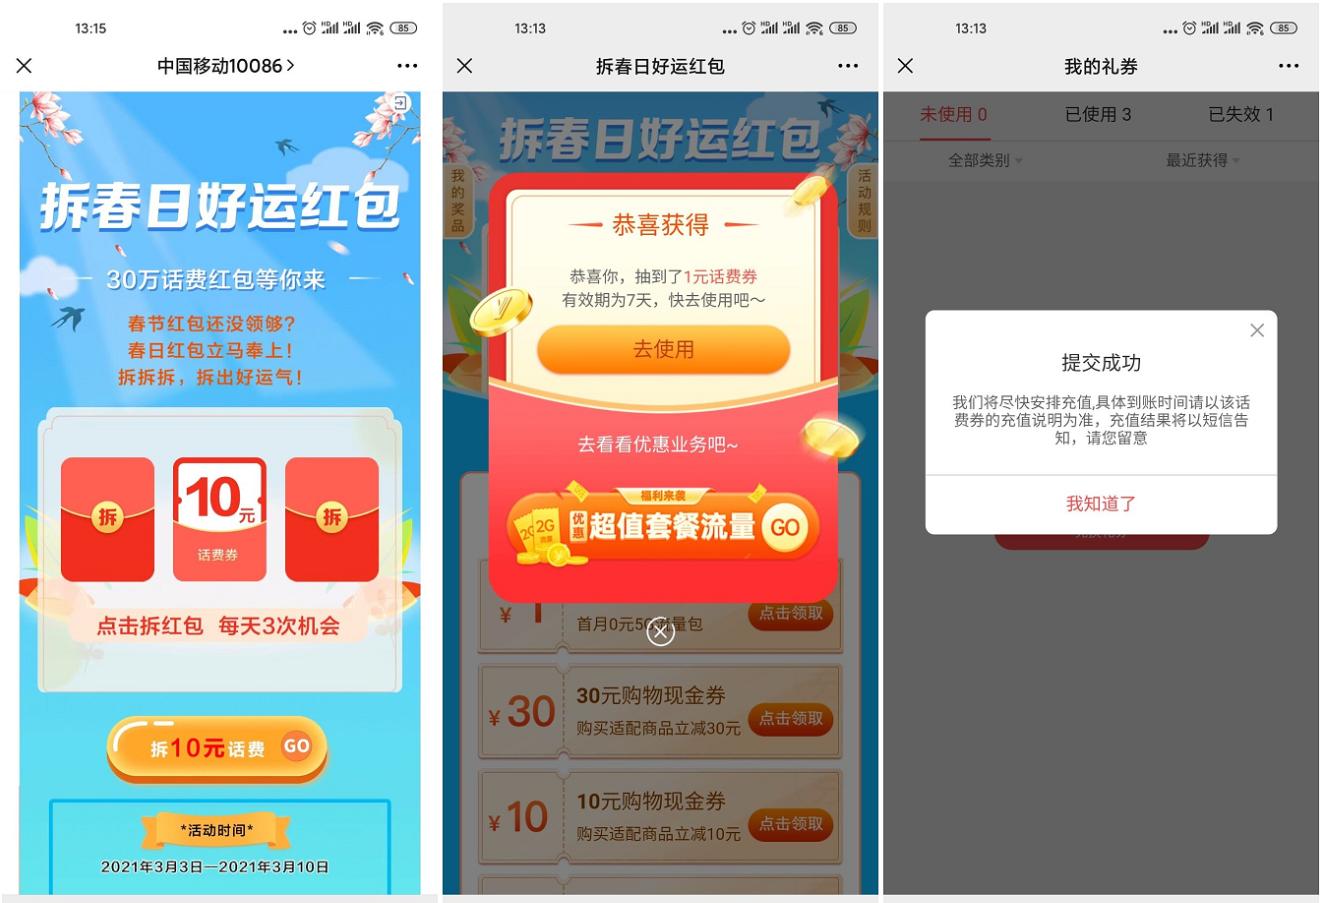 中国移动抽取1~10元话费优惠券